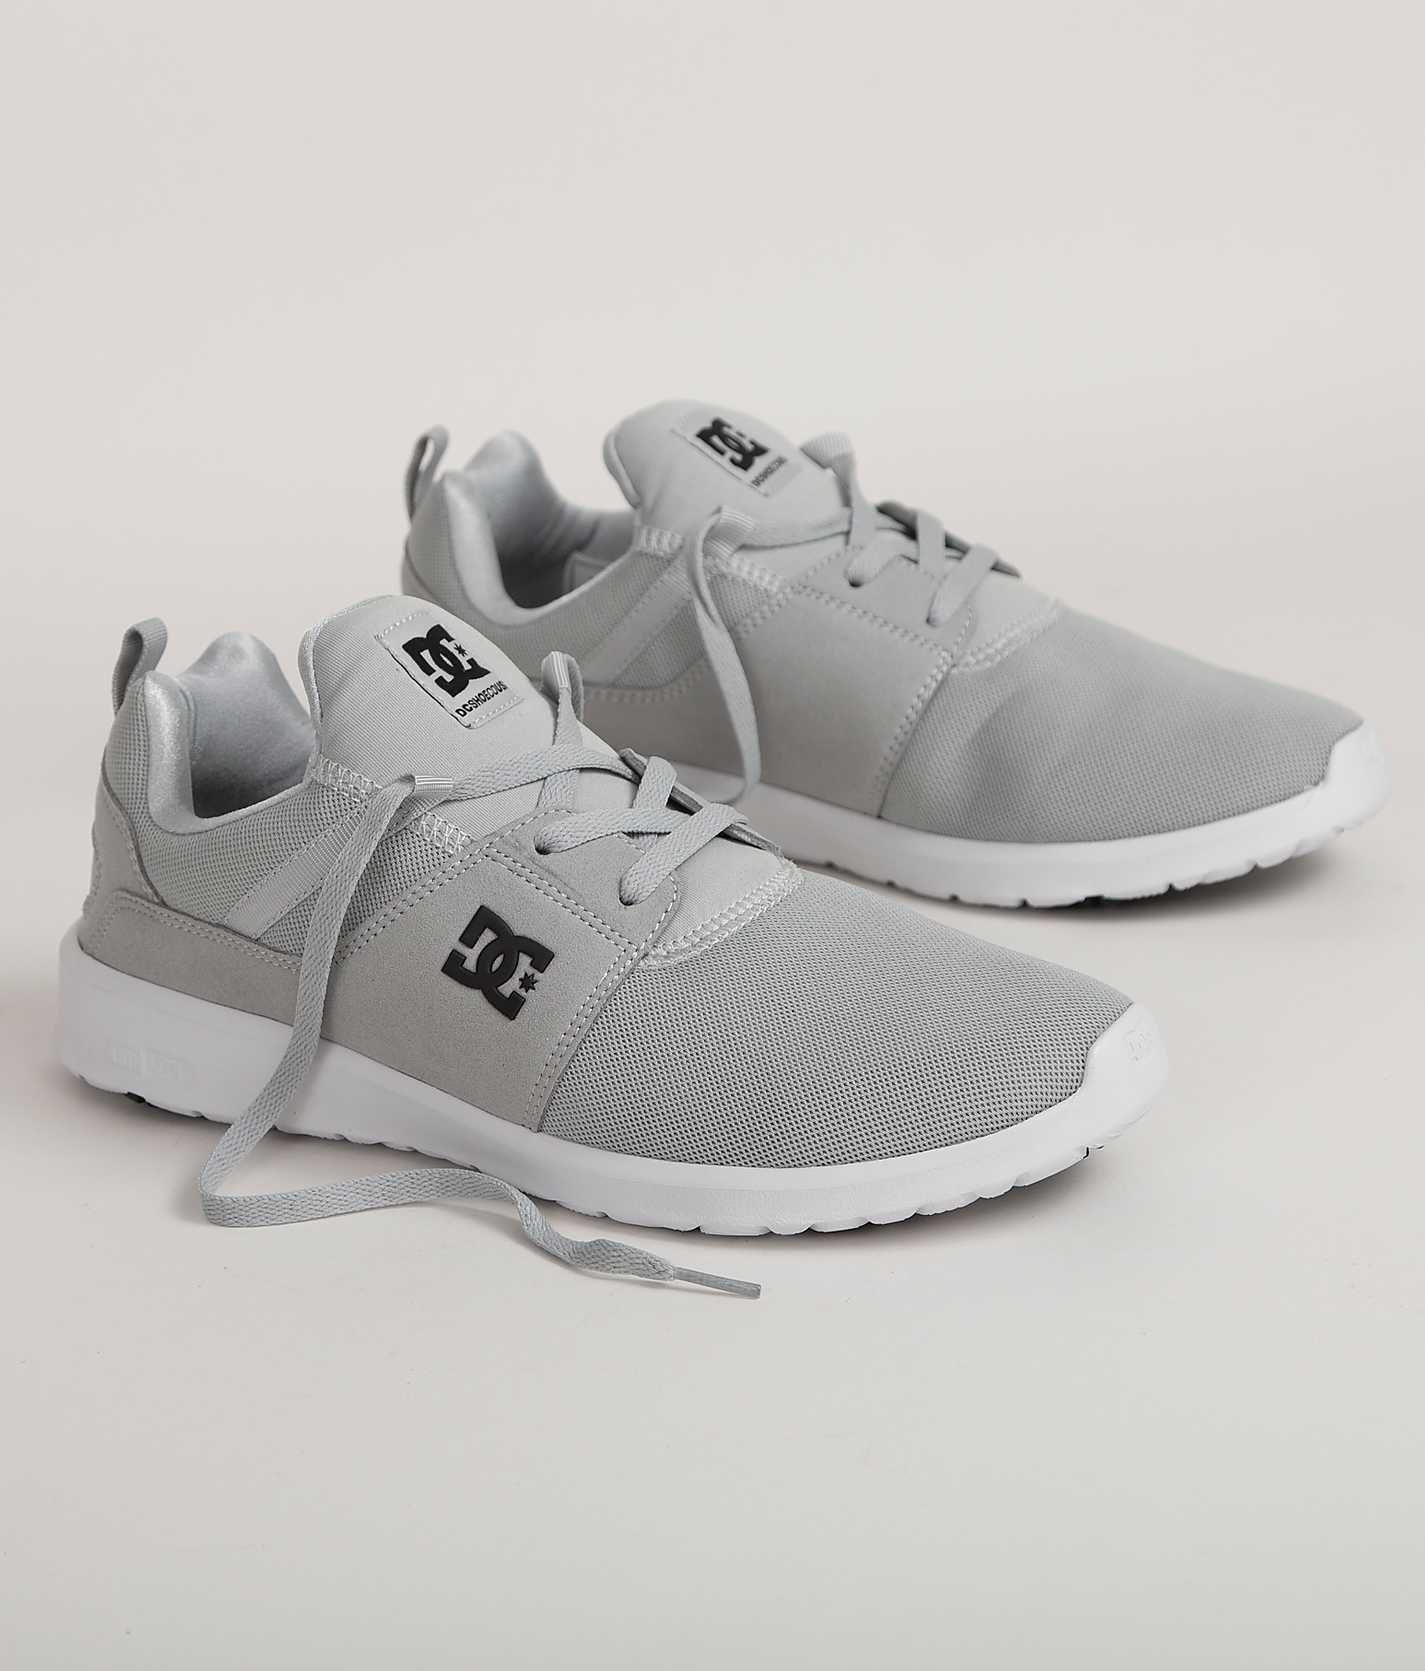 DC Shoes Heathrow Shoe | Dc shoes